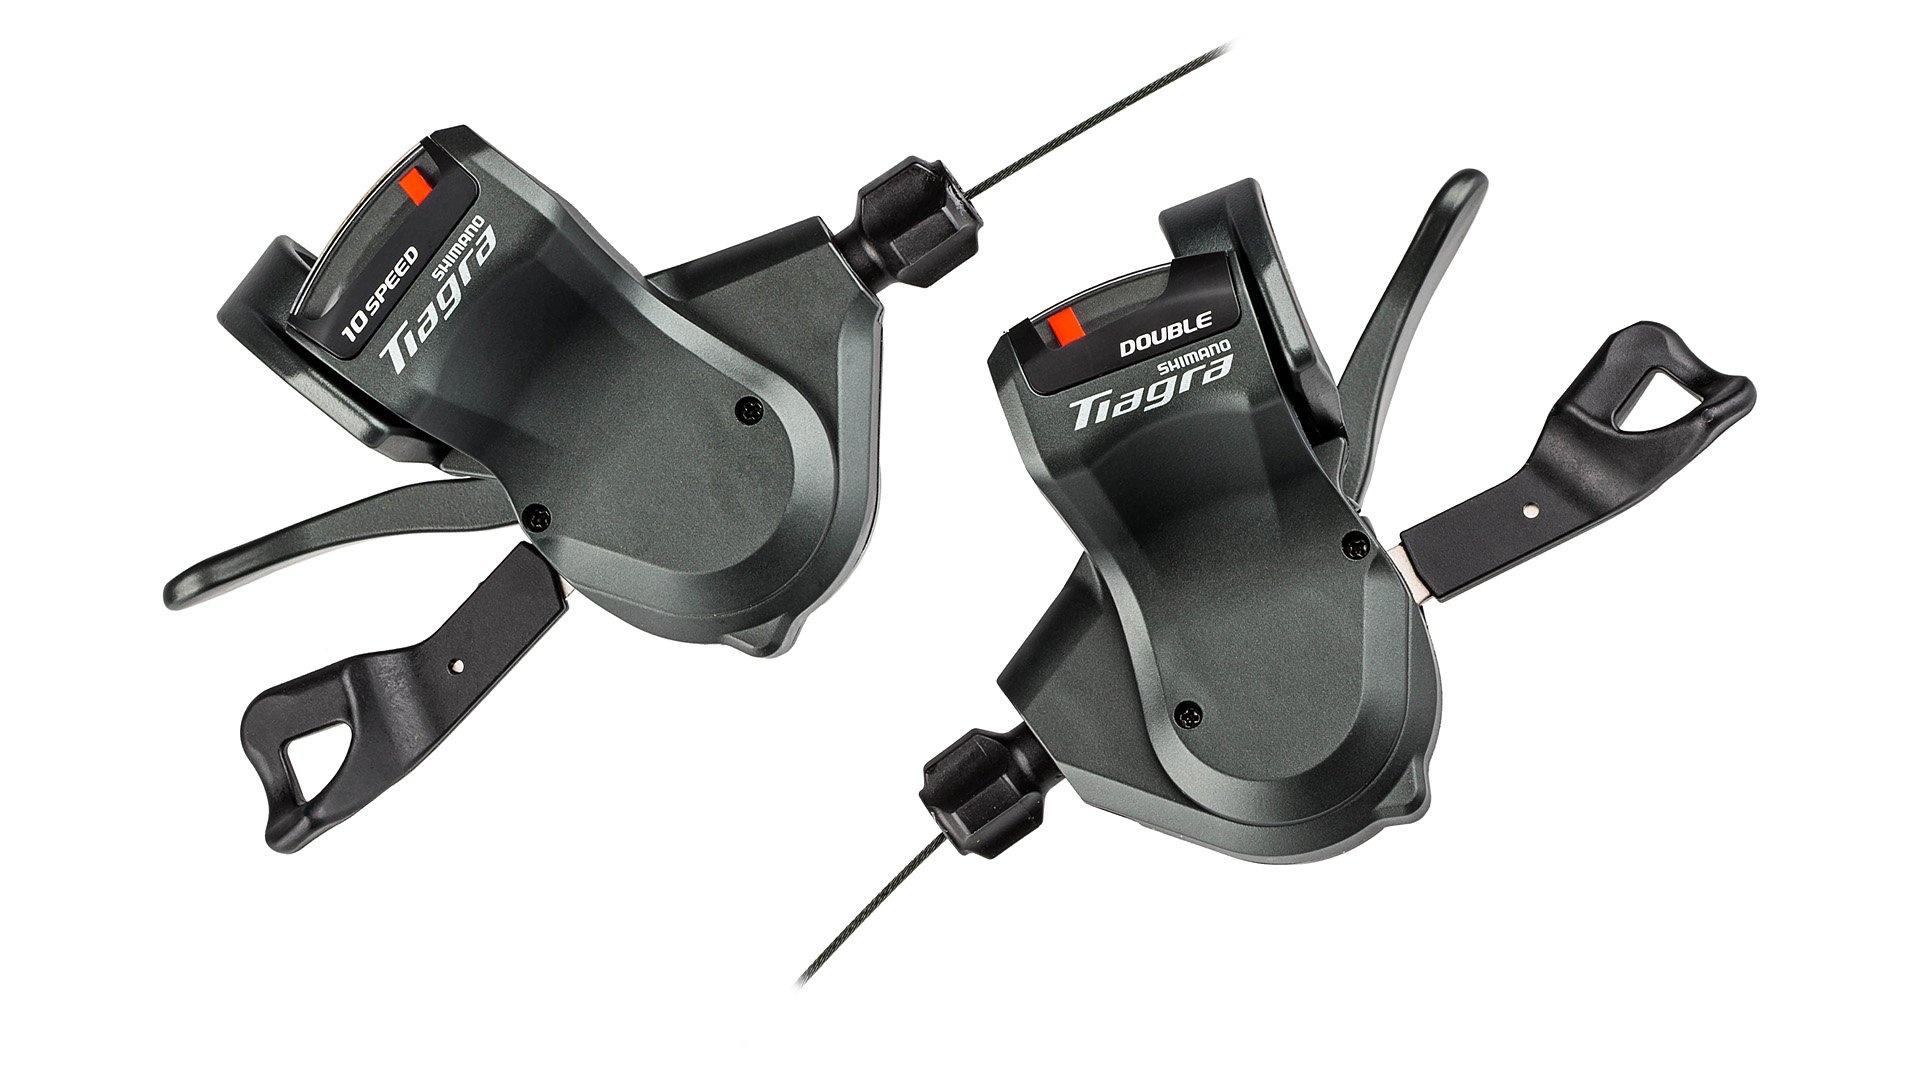 SHIMANO řadcí páky SL-4700 Tiagra pro rovná řídítkapár 2x10 rychl